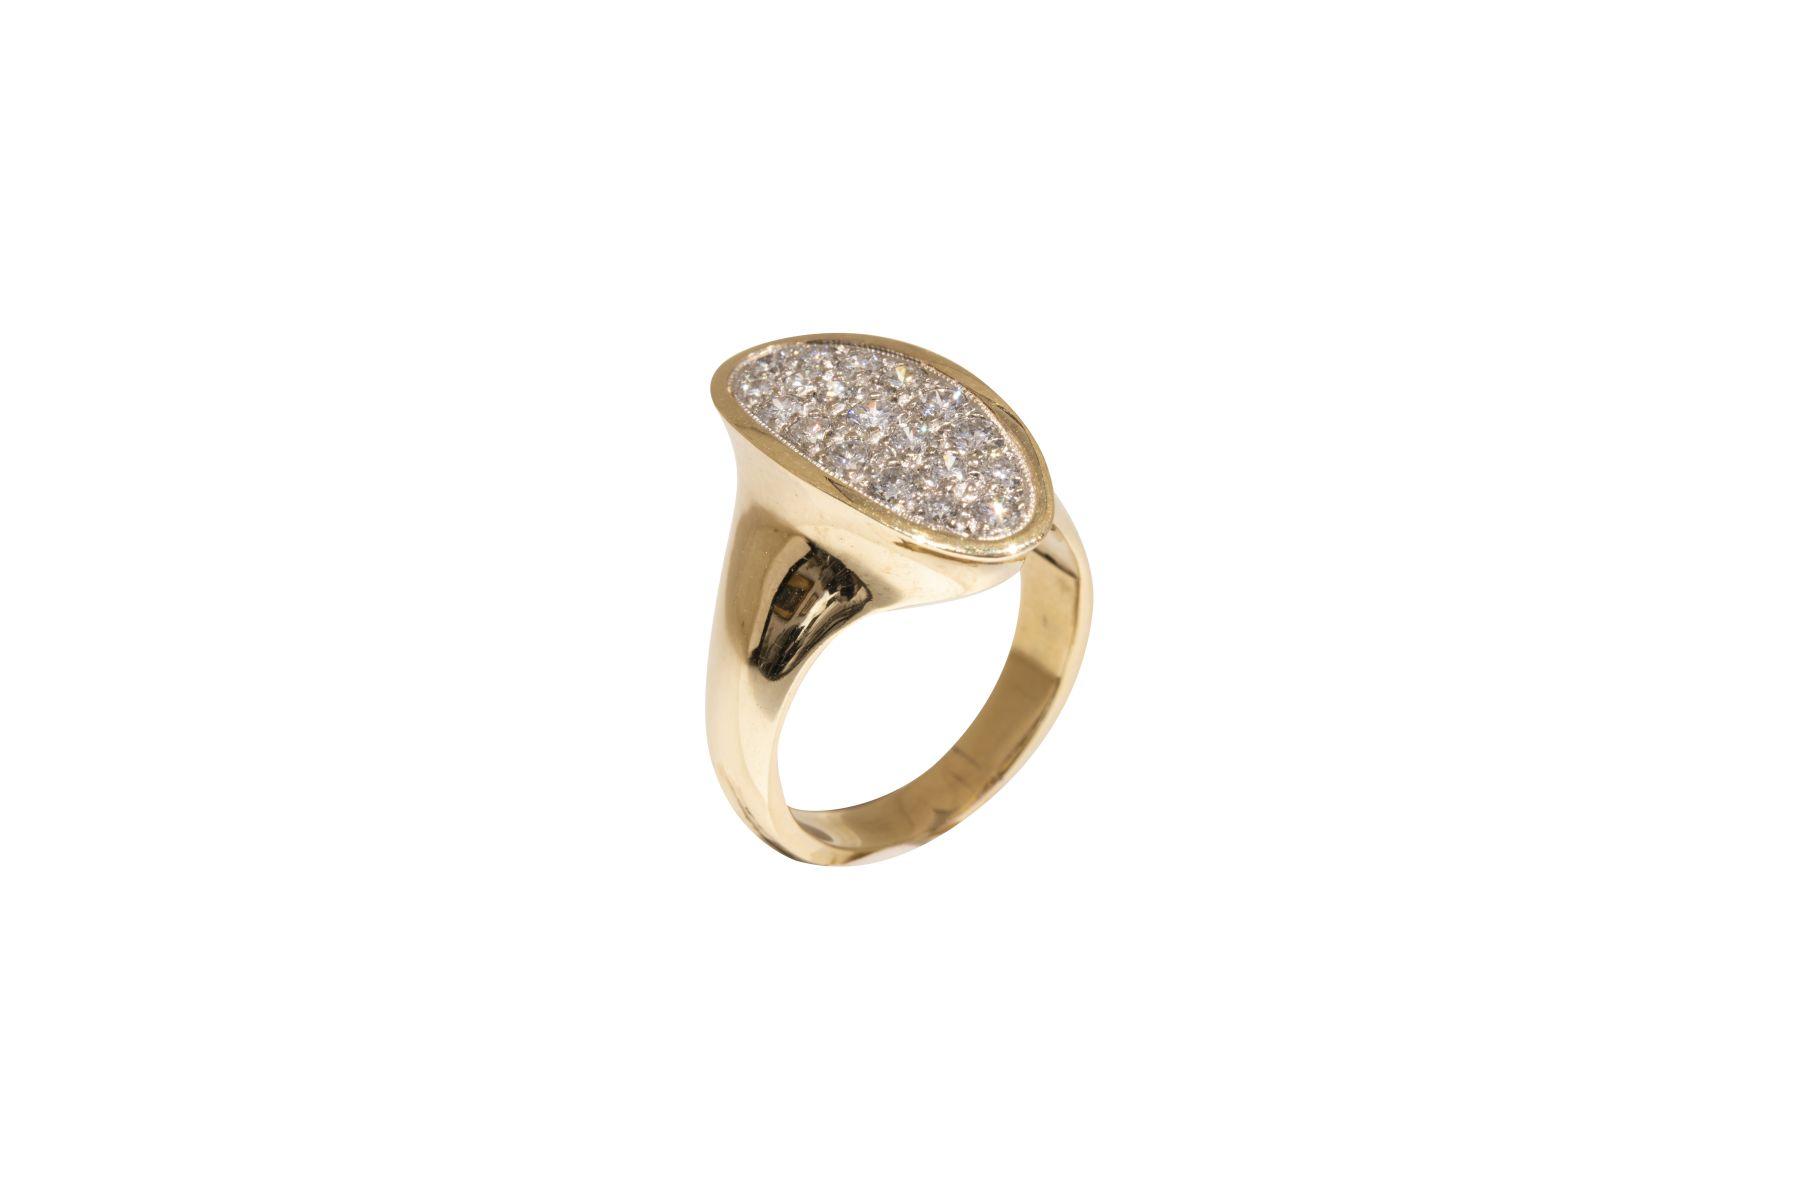 #206 Ring | Ring Image